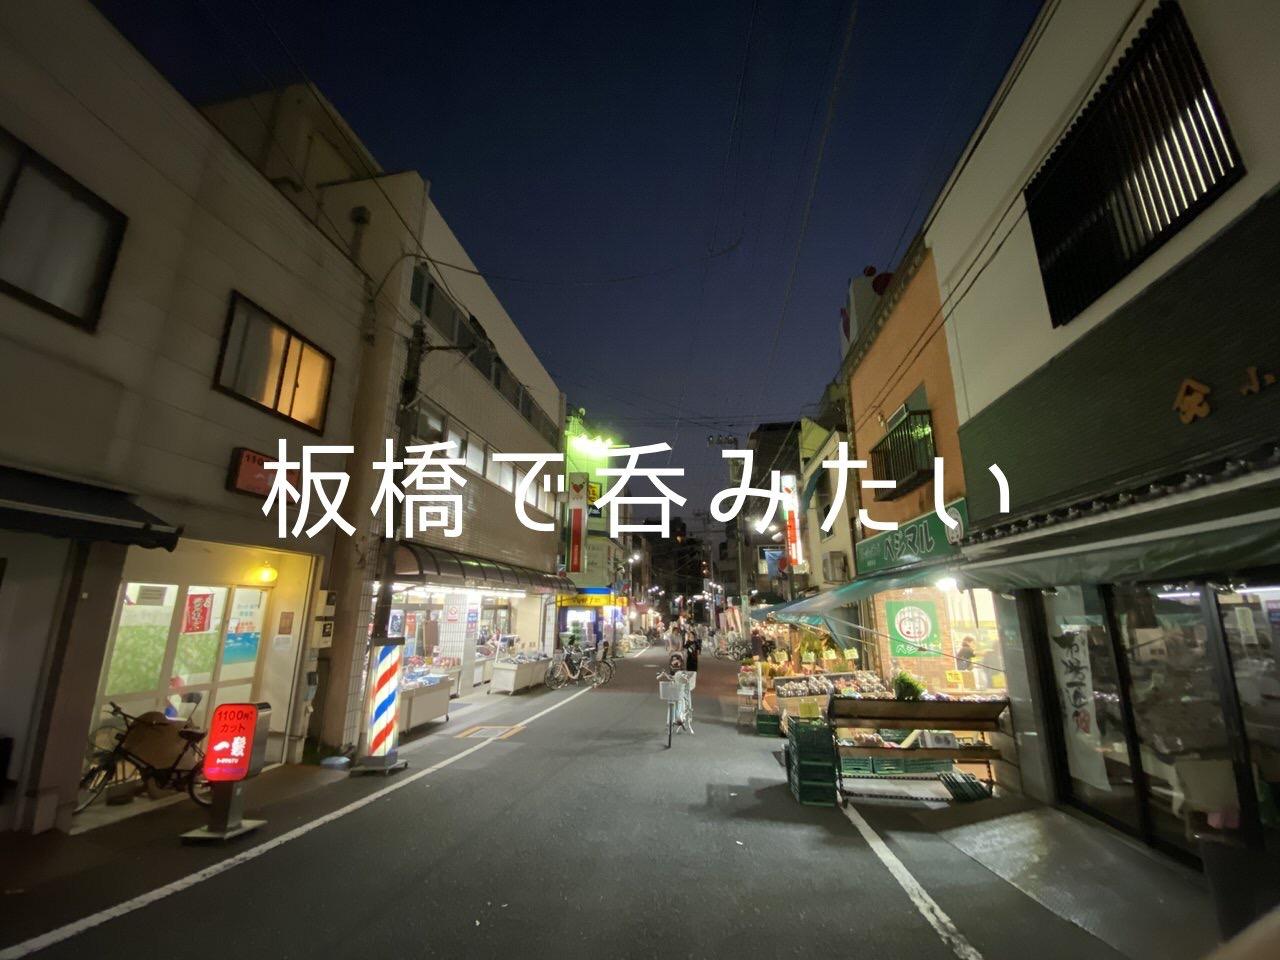 JR板橋駅周辺をブラブラしたら良き飲み屋がありすぎた!iPhone 11 Pro Maxで撮影してきたよ